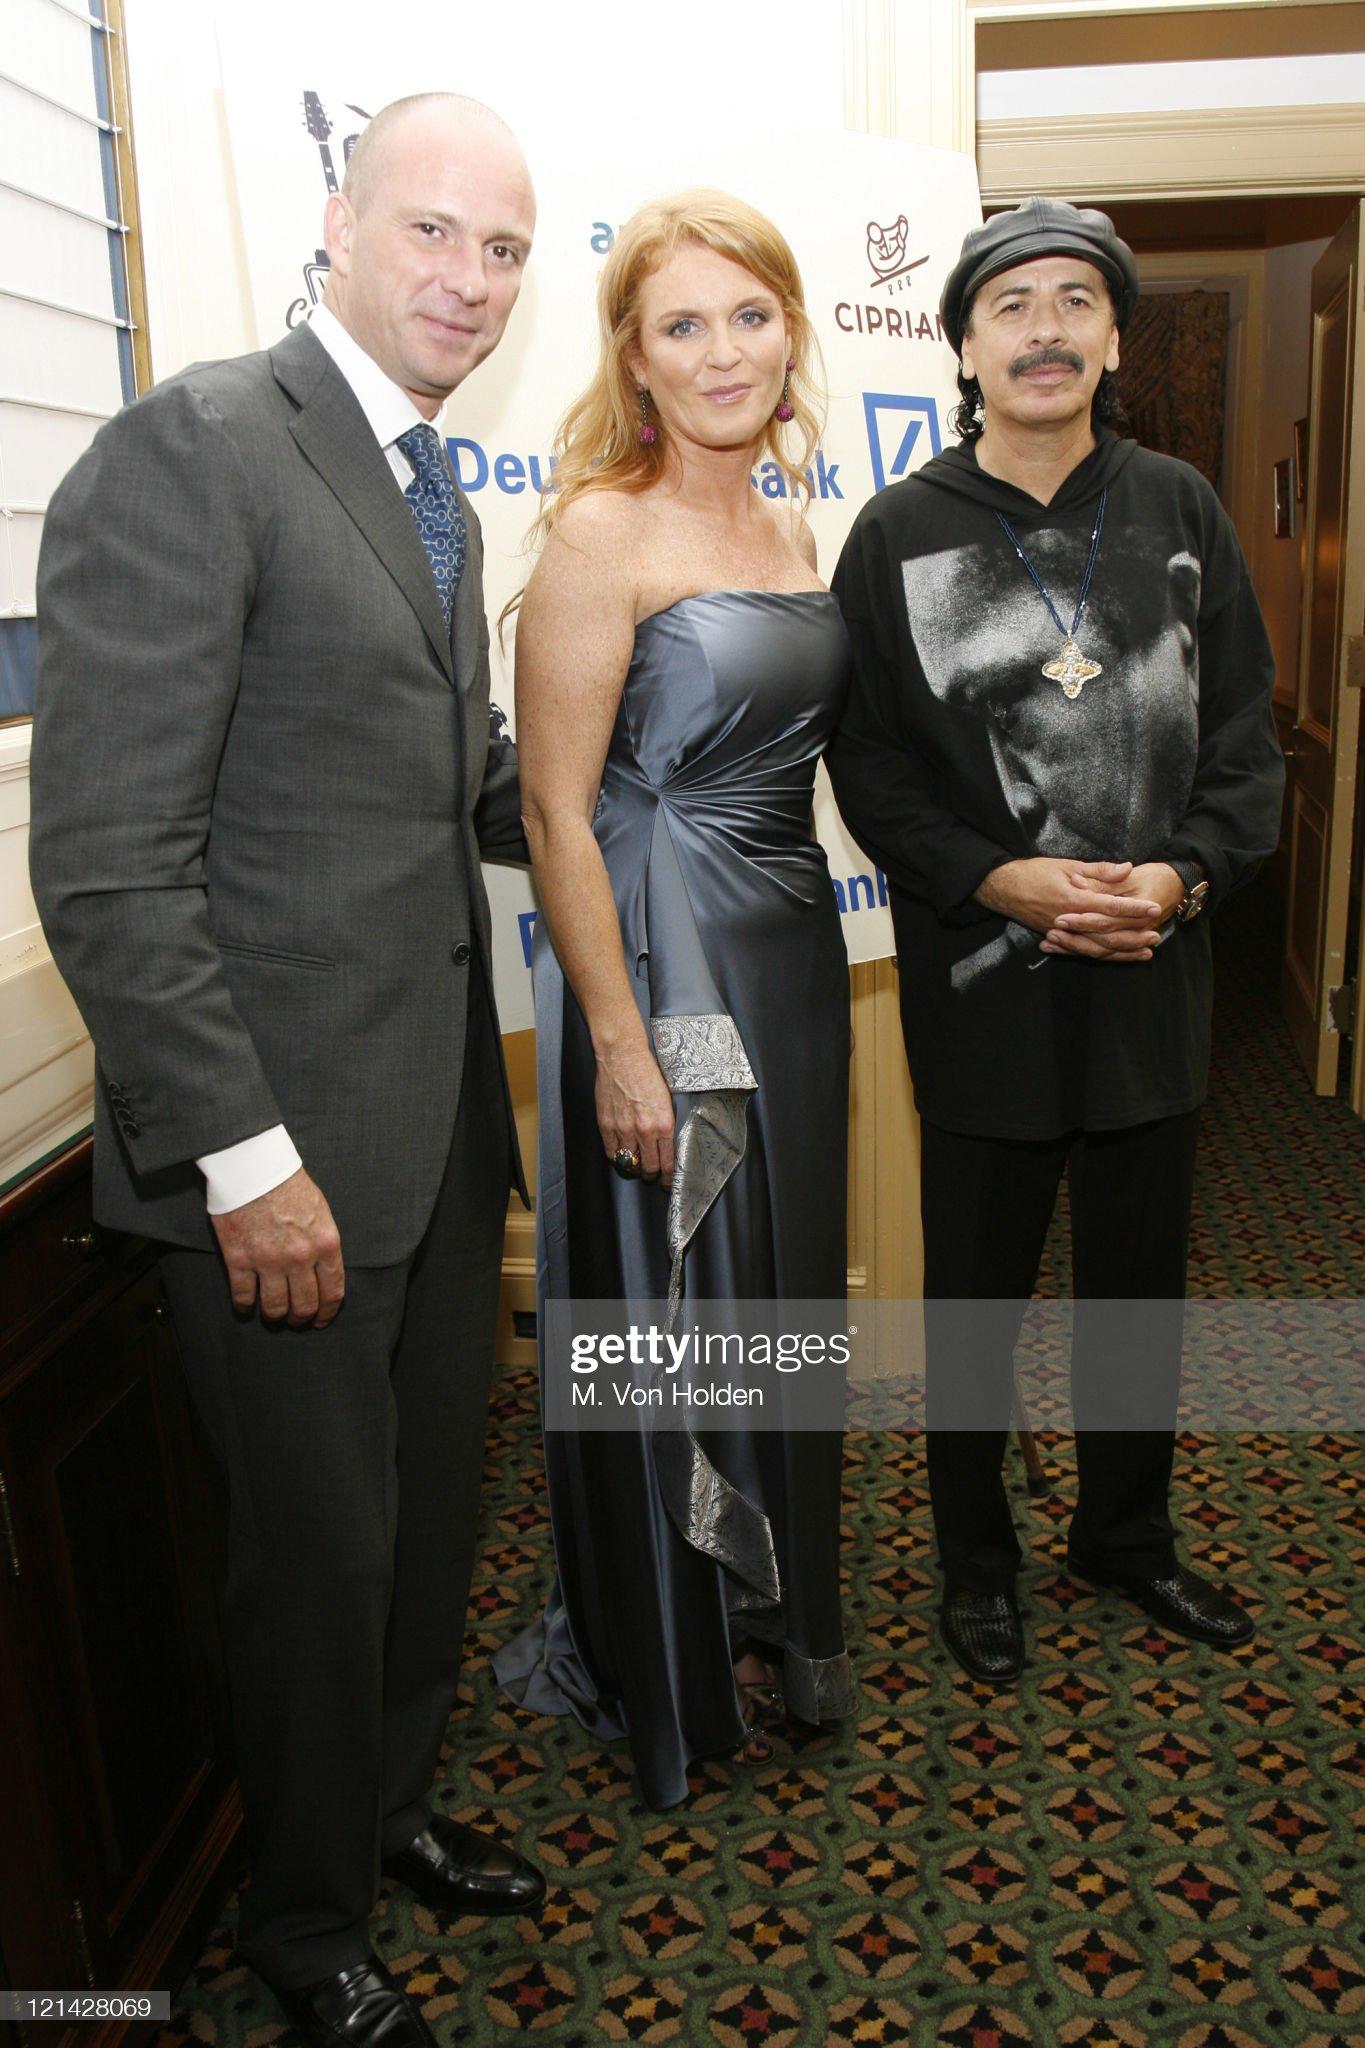 Вечерние наряды Отем пока еще Филлипс и Сары Йоркской Carlos Santana Backstage Photo Op for the Cipriani/Deutsche Bank Concert Series : News Photo